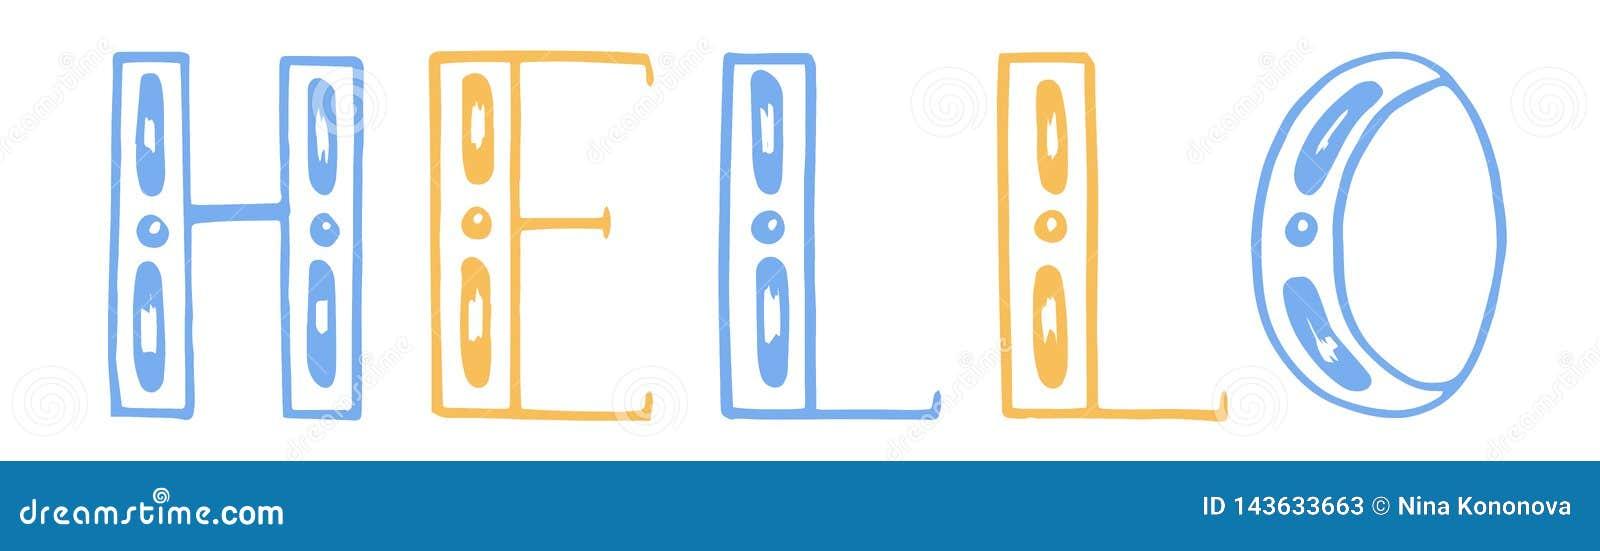 Illustration de vecteur lettrage d aspiration de main de couleur bonjour Fond blanc Jaune et bleu